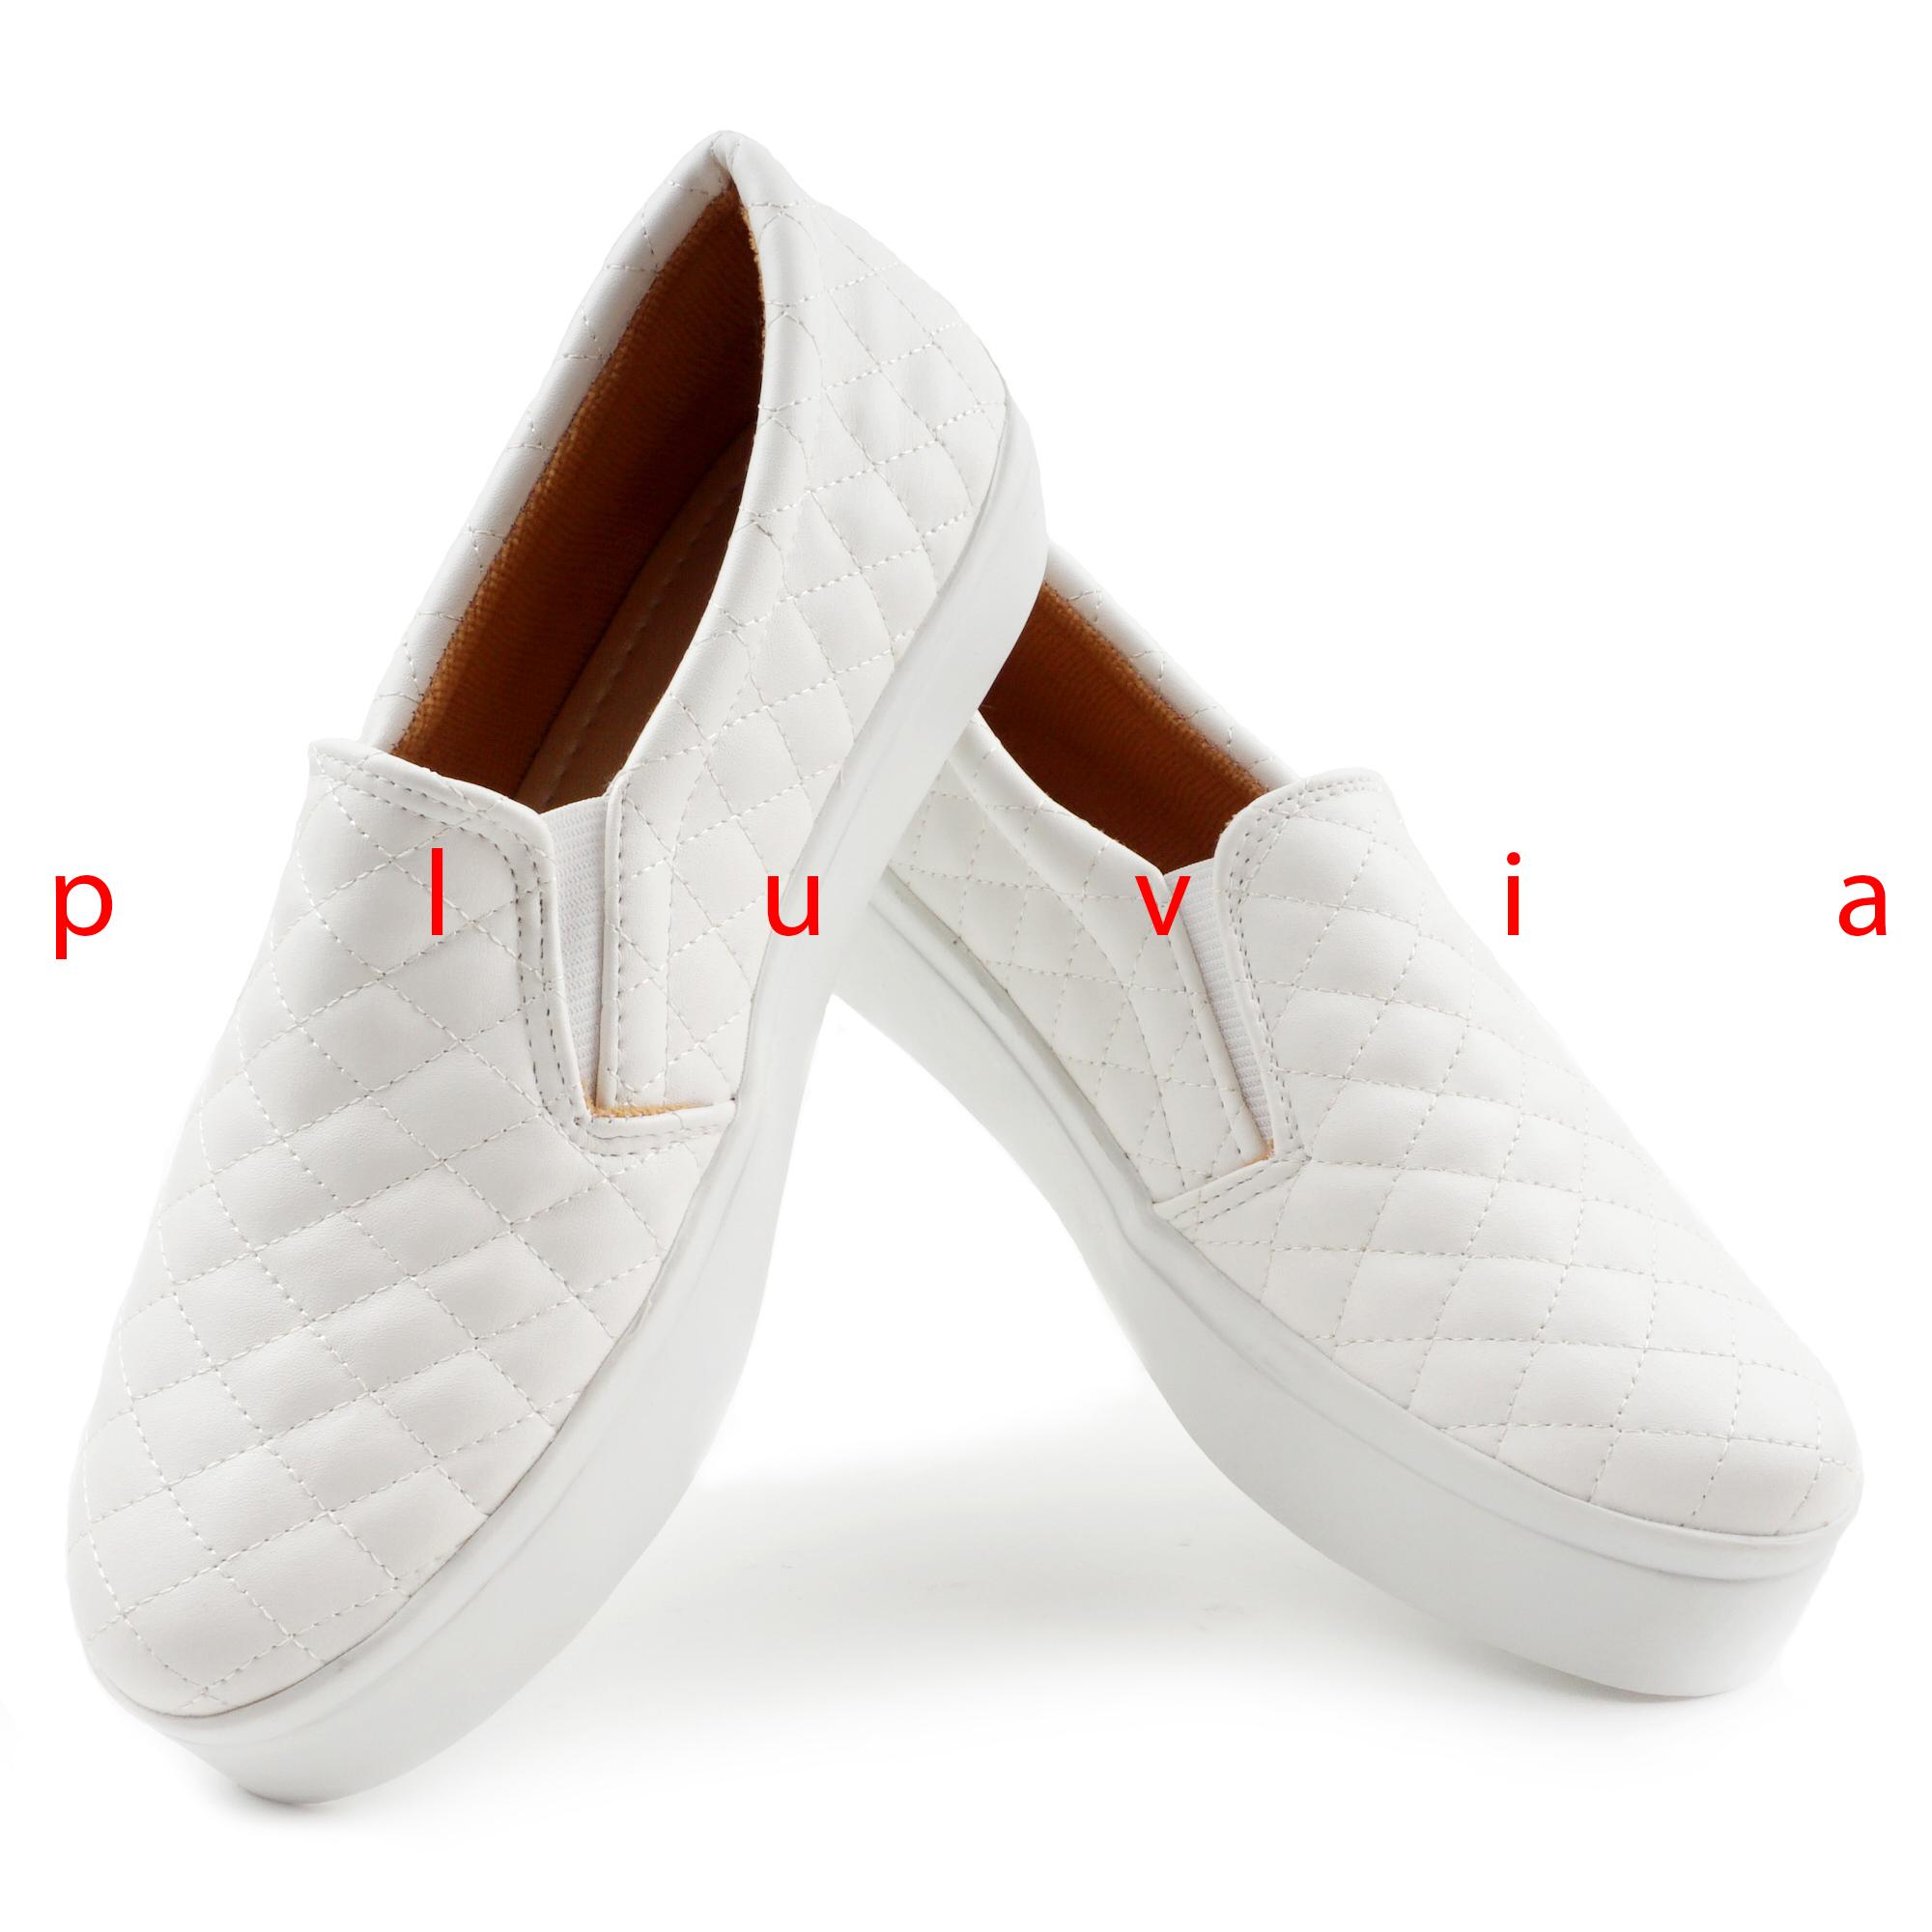 Pluvia Sepatu Sneakers Slip Wanita Terbaru Quilted KR01 Putih